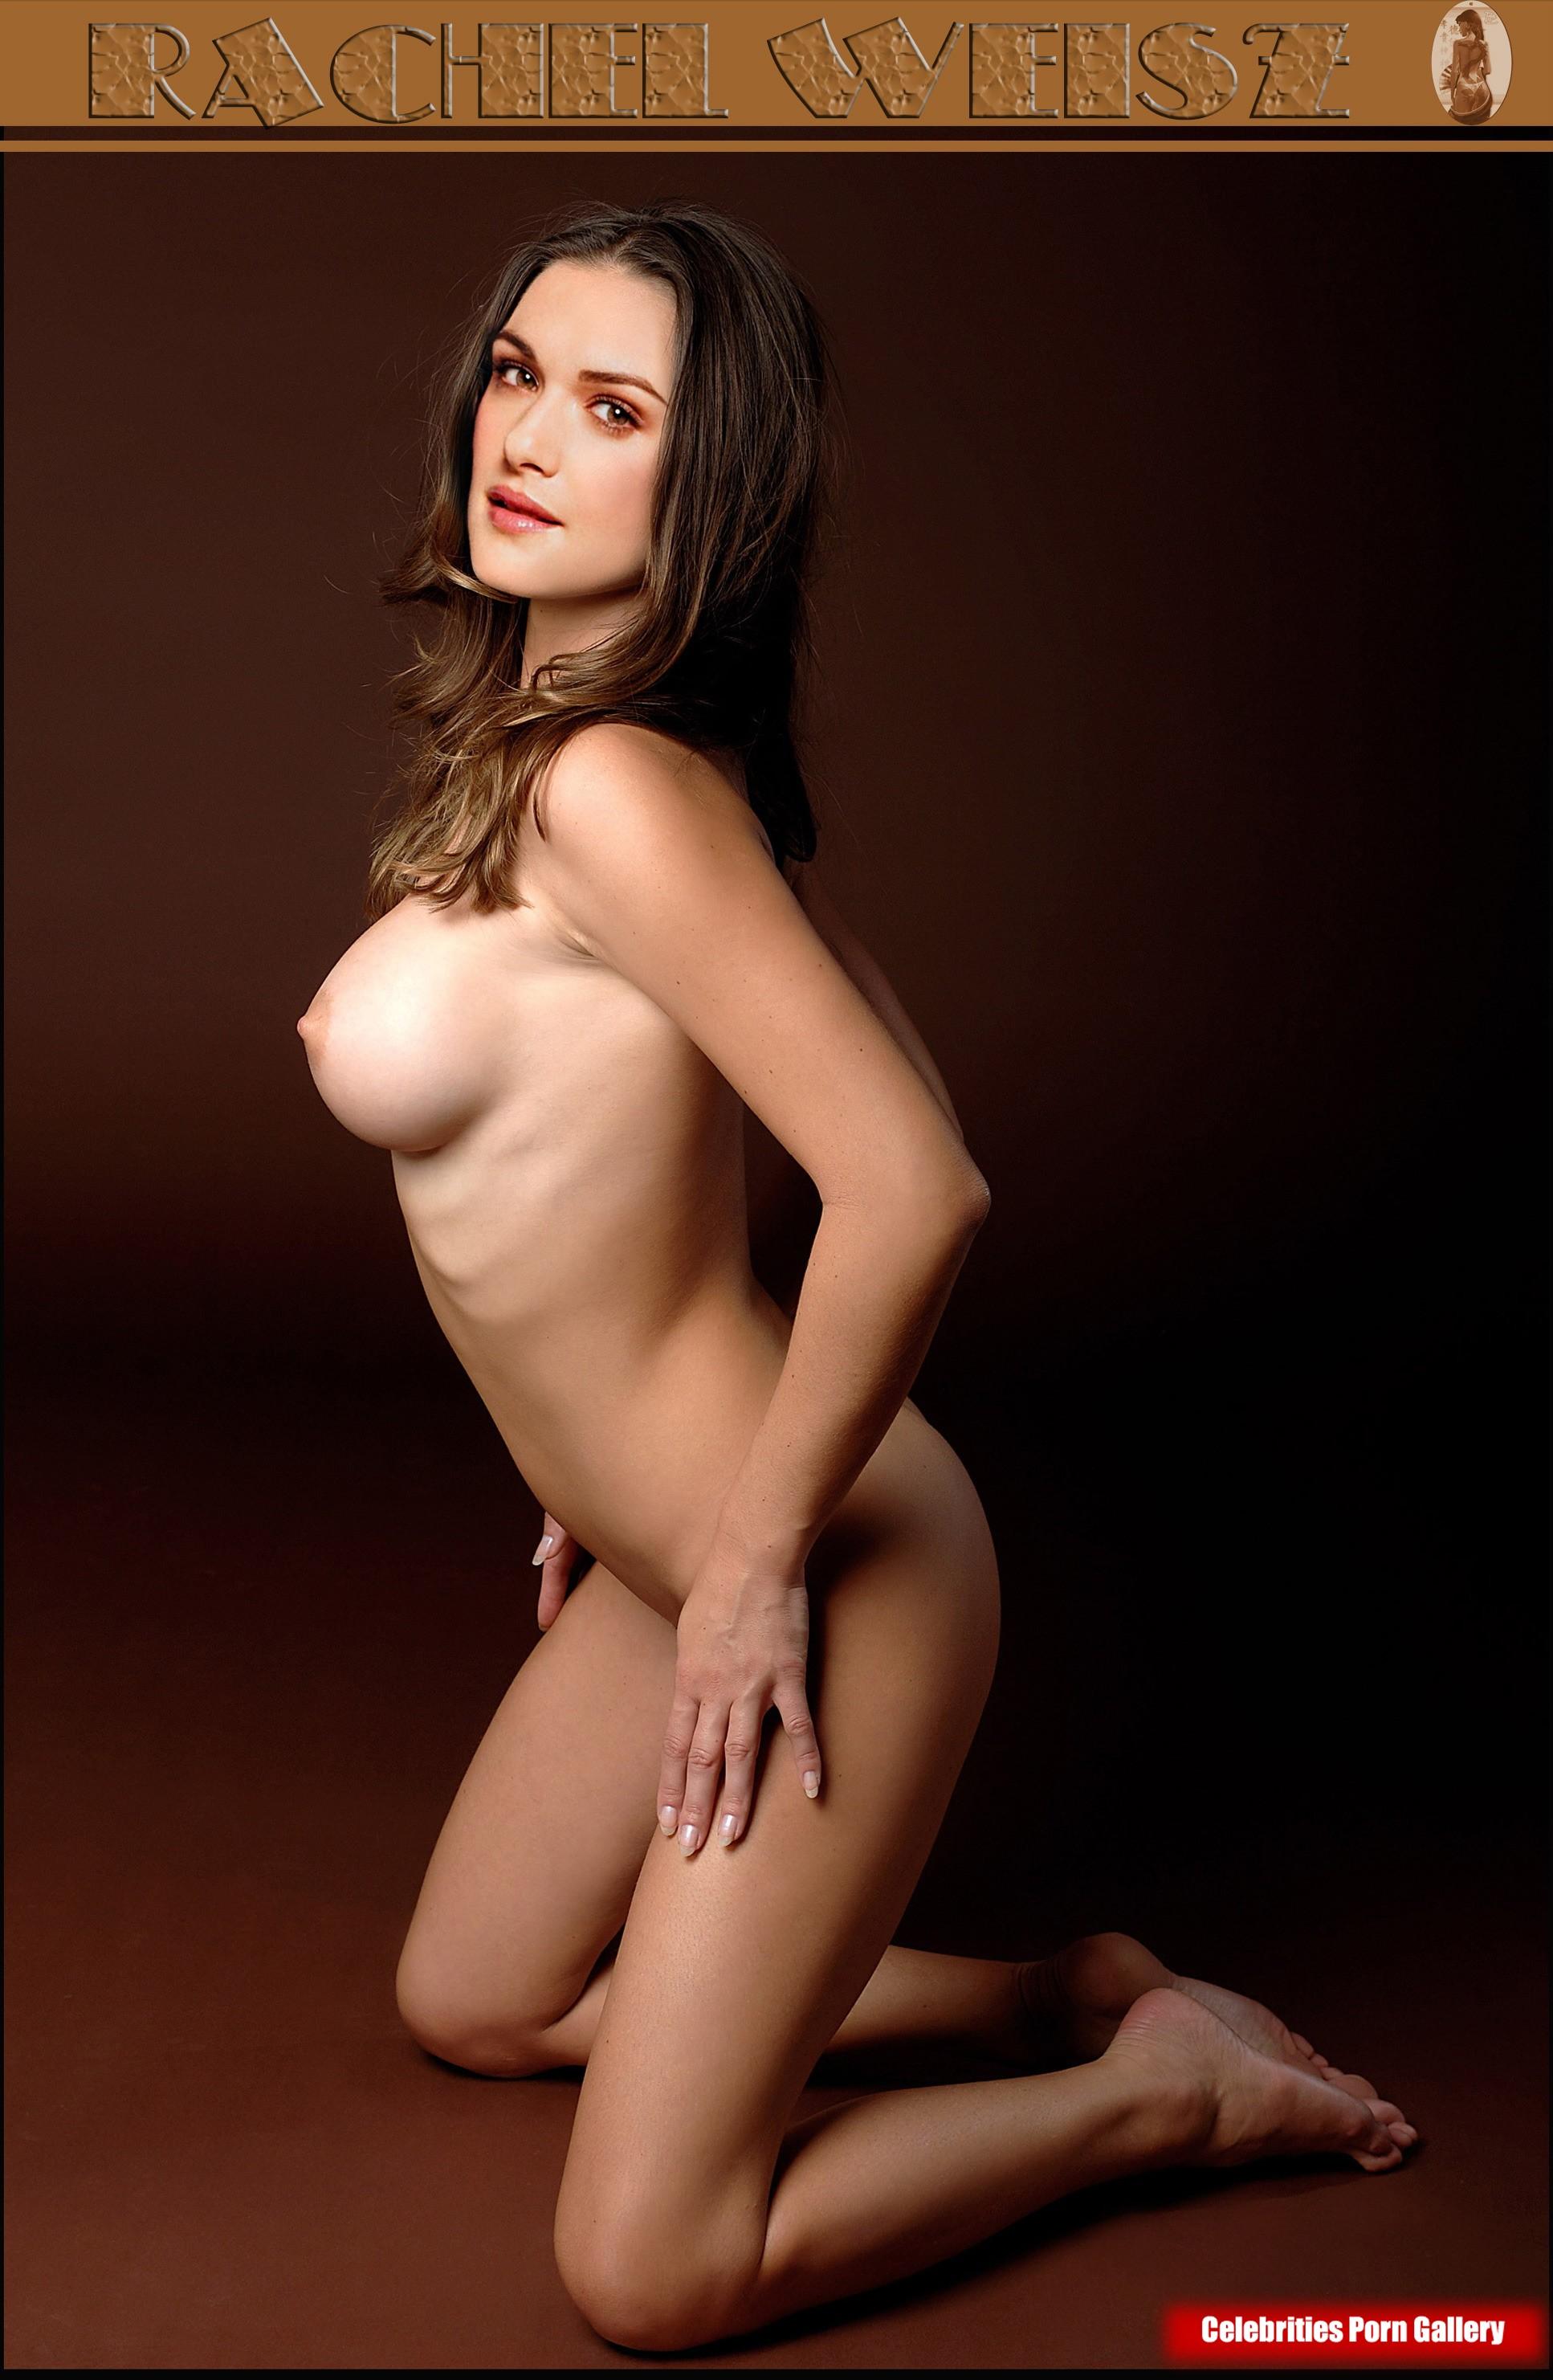 Rachel weisz nude free